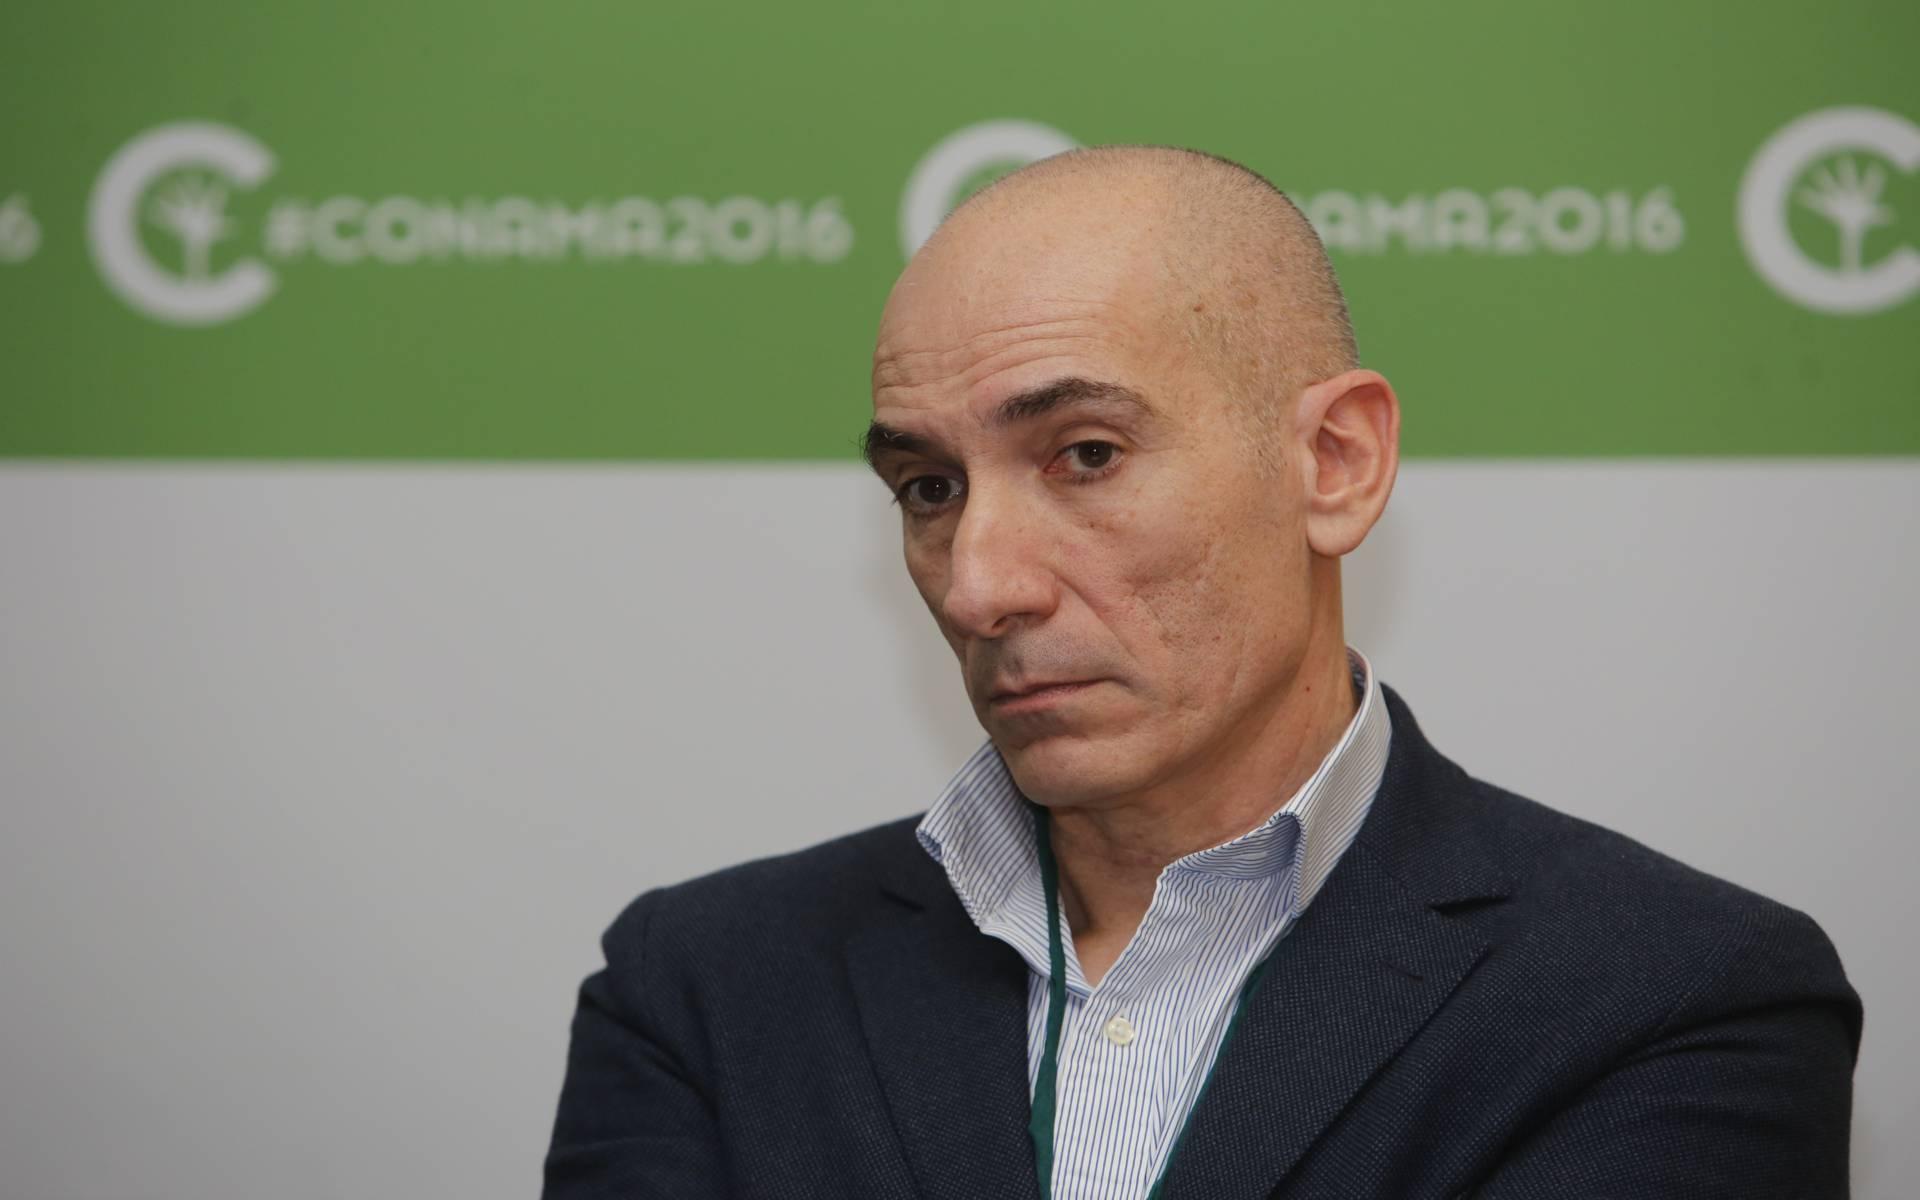 Eduardo de Miguel Beascoechea